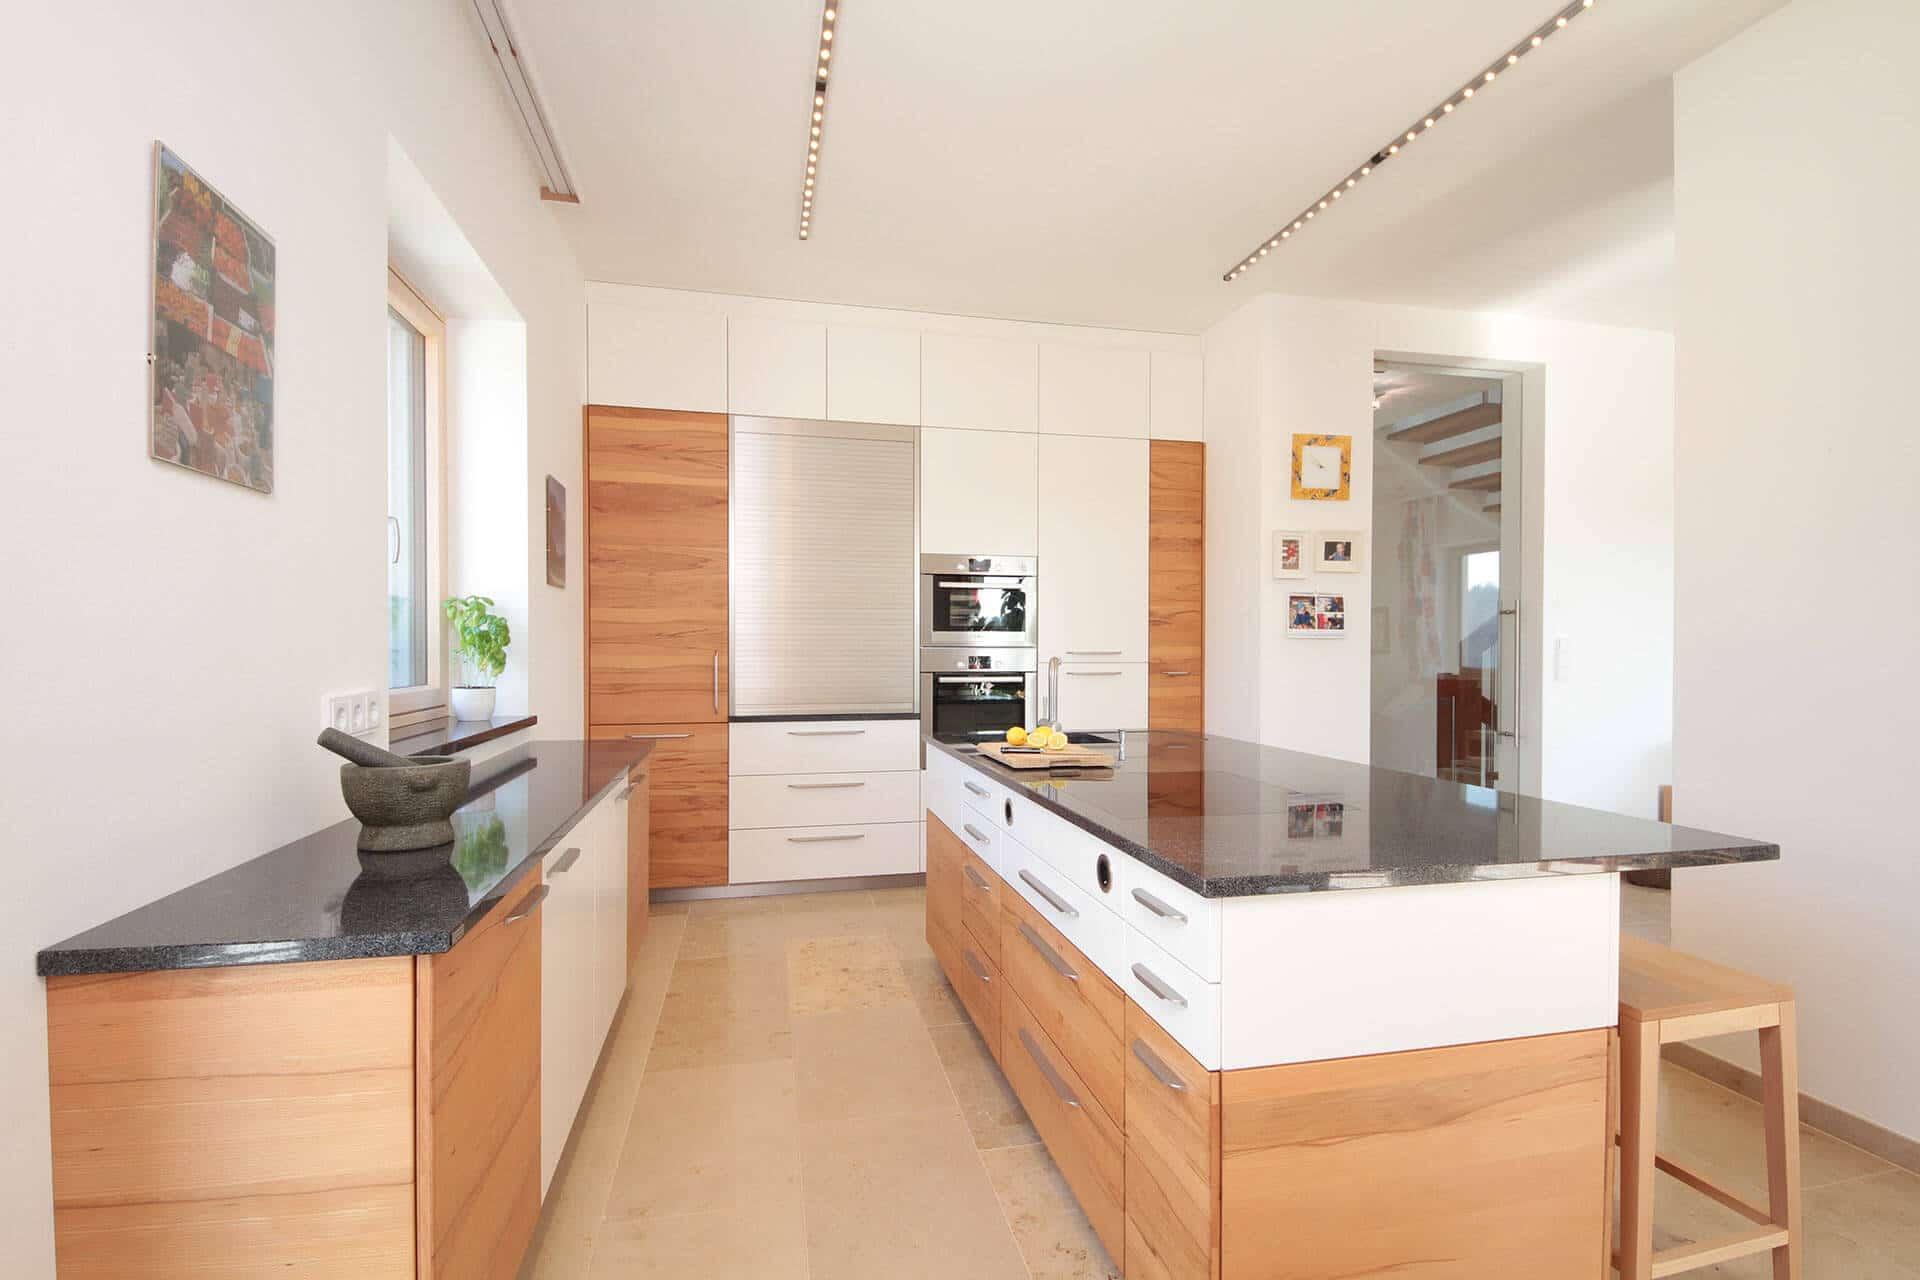 vollholzk che auf mass vom tischler in graz umgebung tischlerei winter. Black Bedroom Furniture Sets. Home Design Ideas